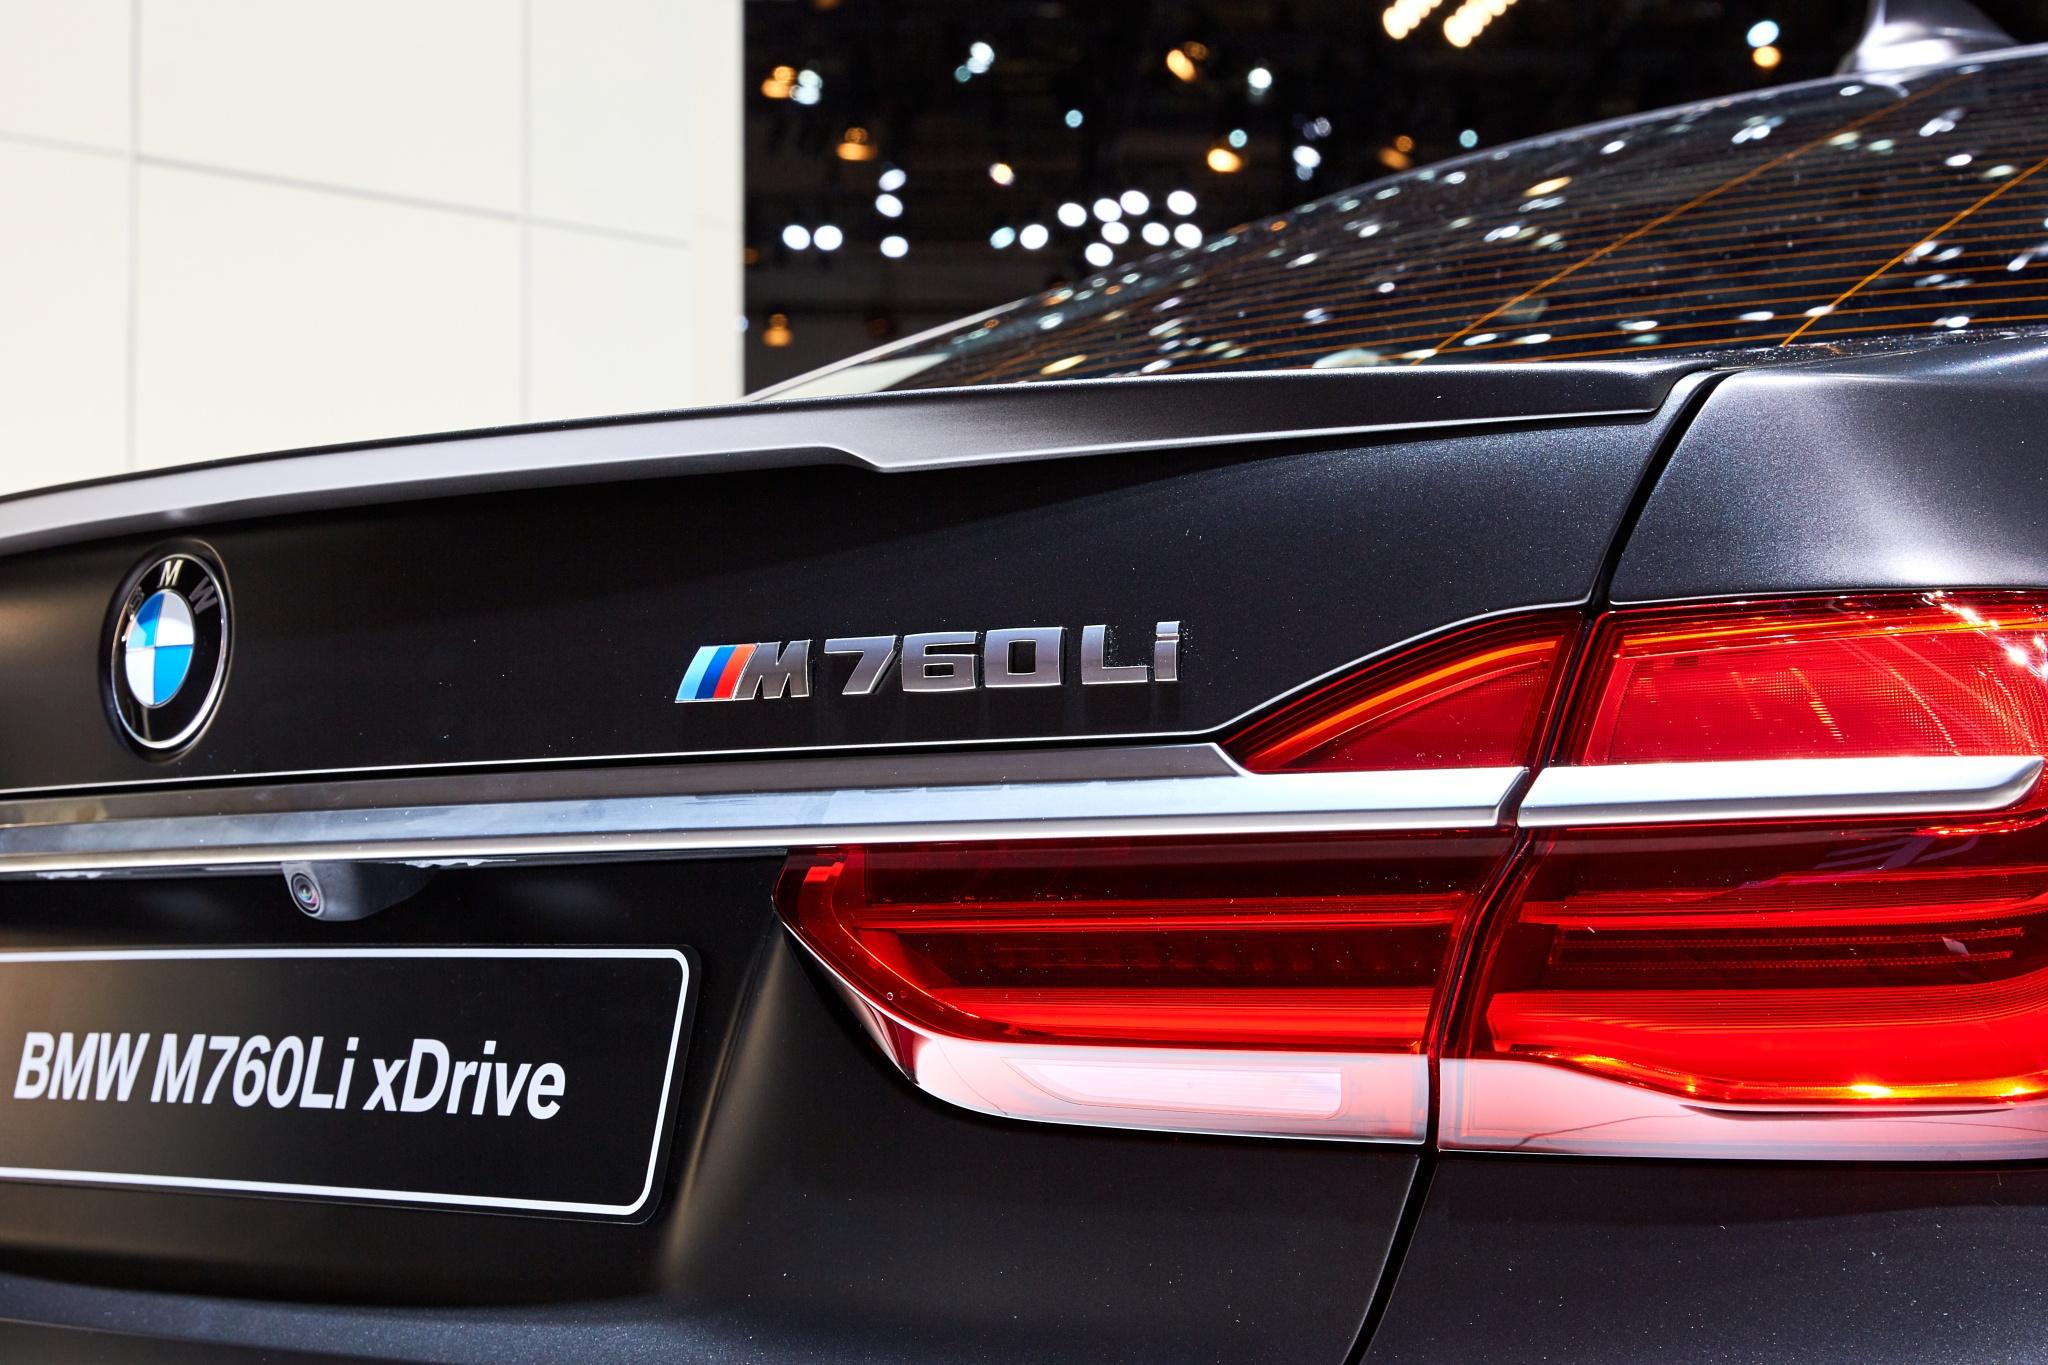 2016 BMW M760iL xDrive by Aleksandr Zavatskiy